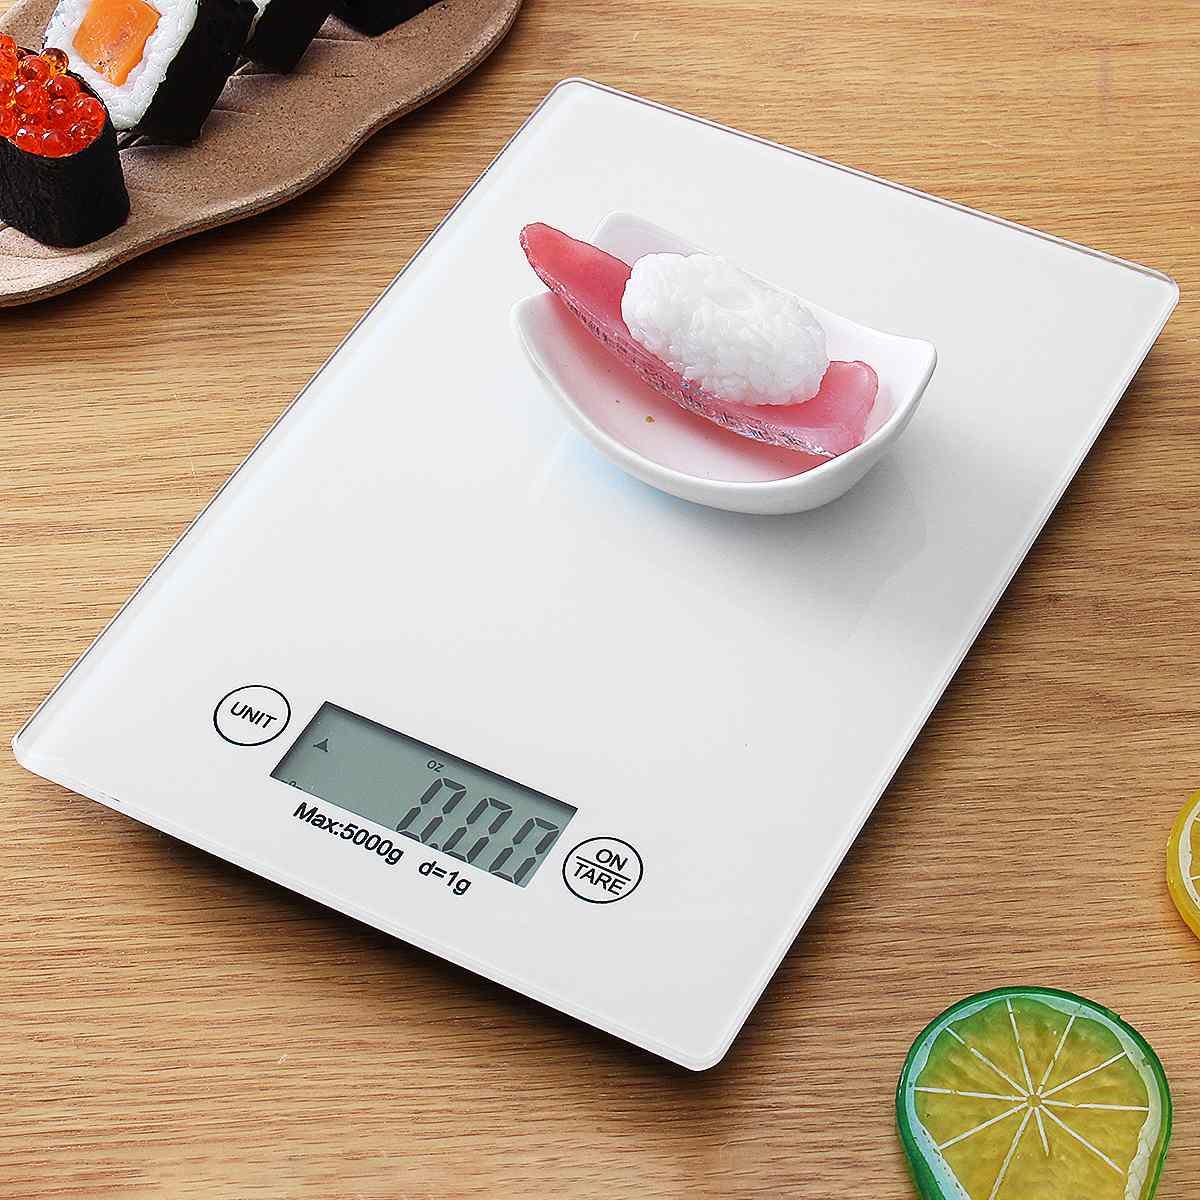 5 كجم/1g الخبز الترجيح مقياس LCD الرقمية المطبخ الجداول الإلكترونية الوزن مقياس الغذاء المنزلية أداة قياس-في موازين المطبخ من المنزل والحديقة على title=